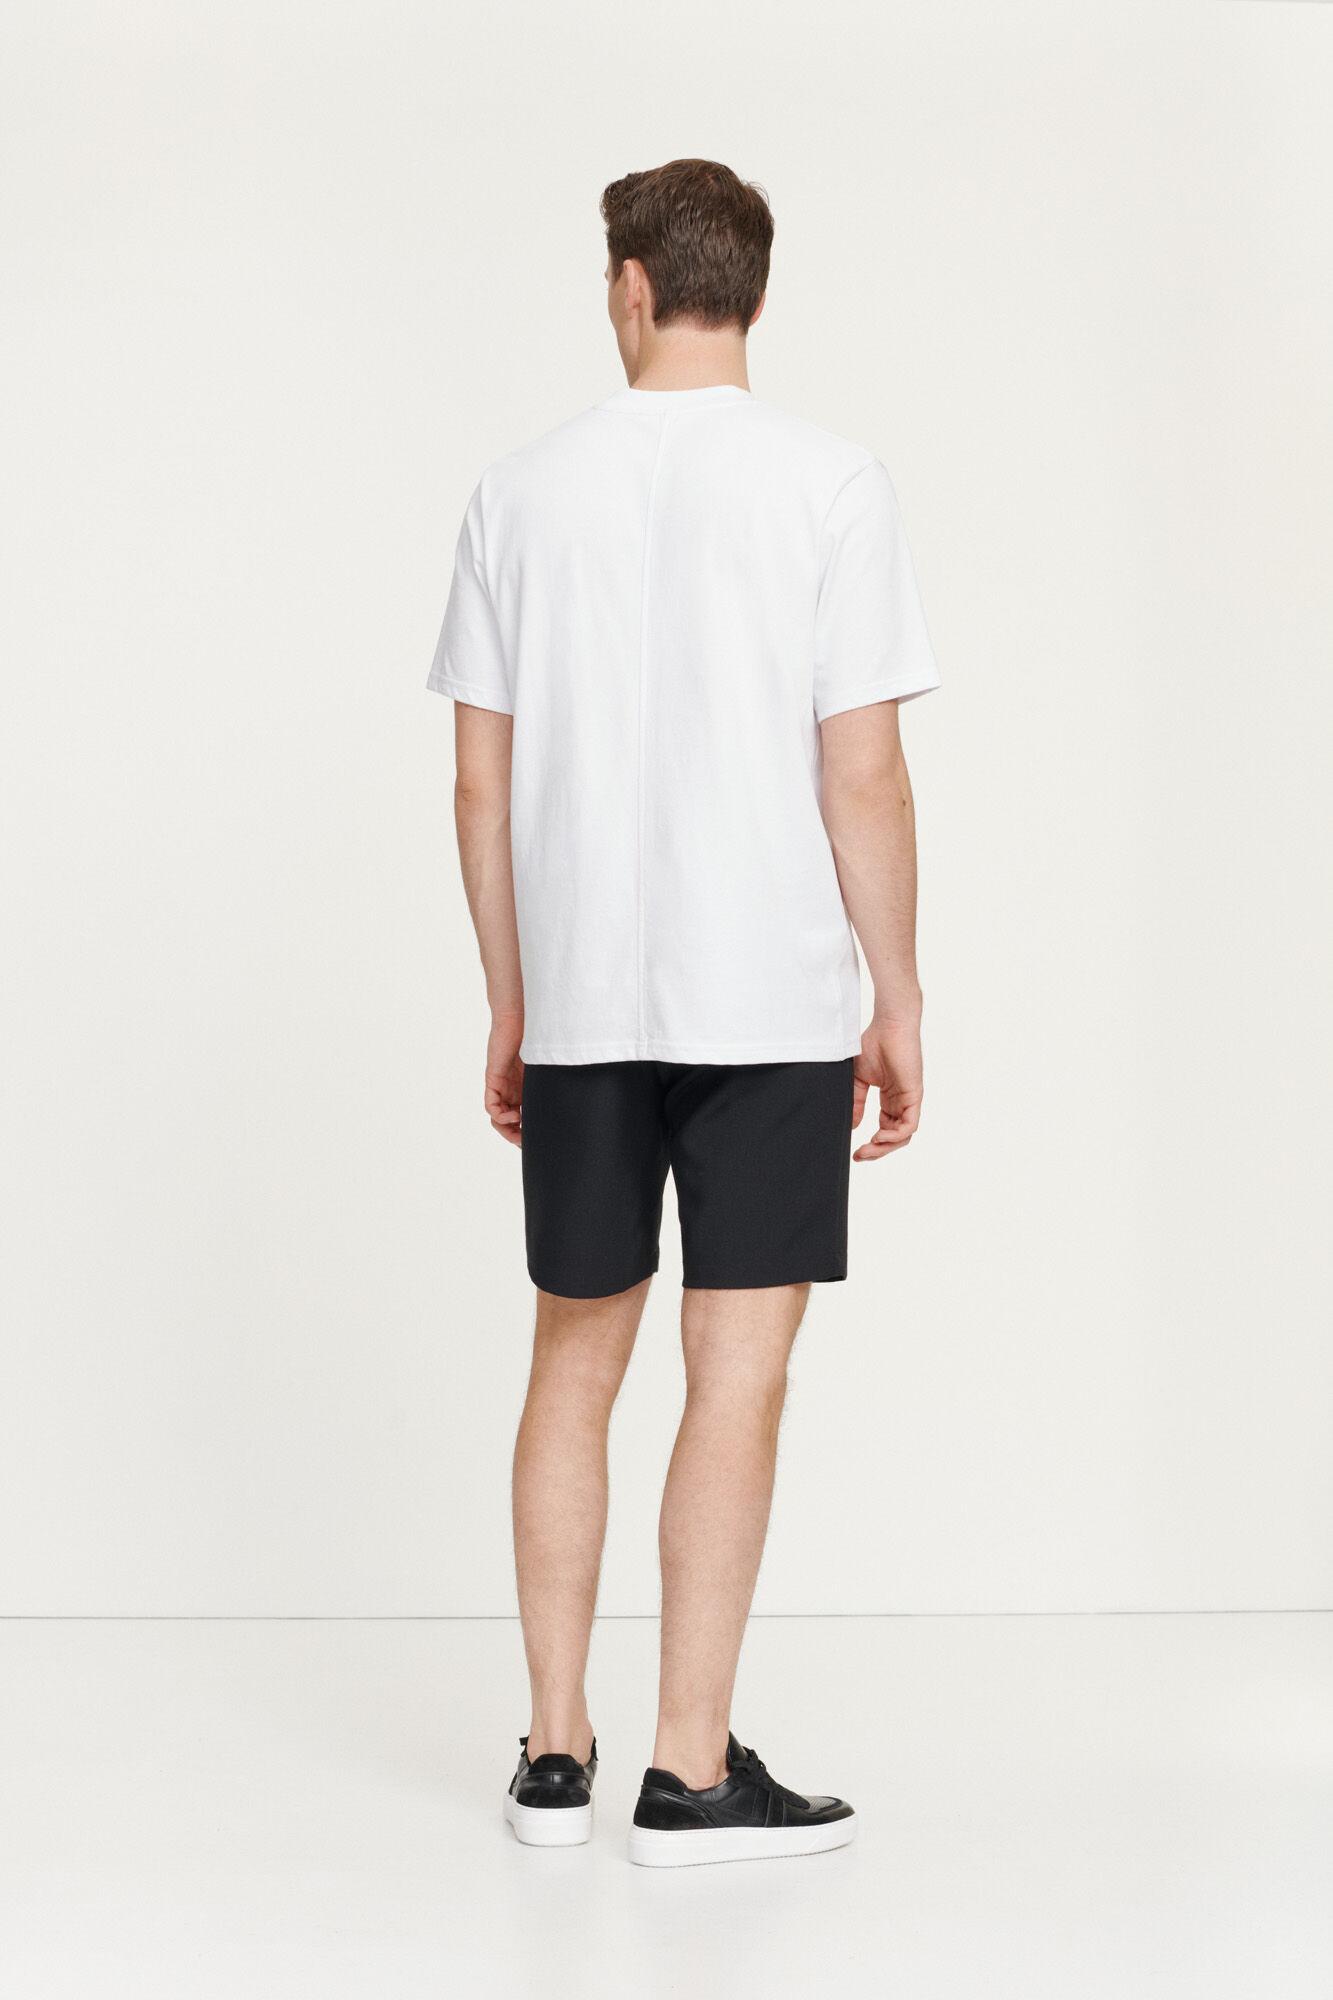 Samsøe & Samsøe Norsbro S/S t-shirt, white, x-large